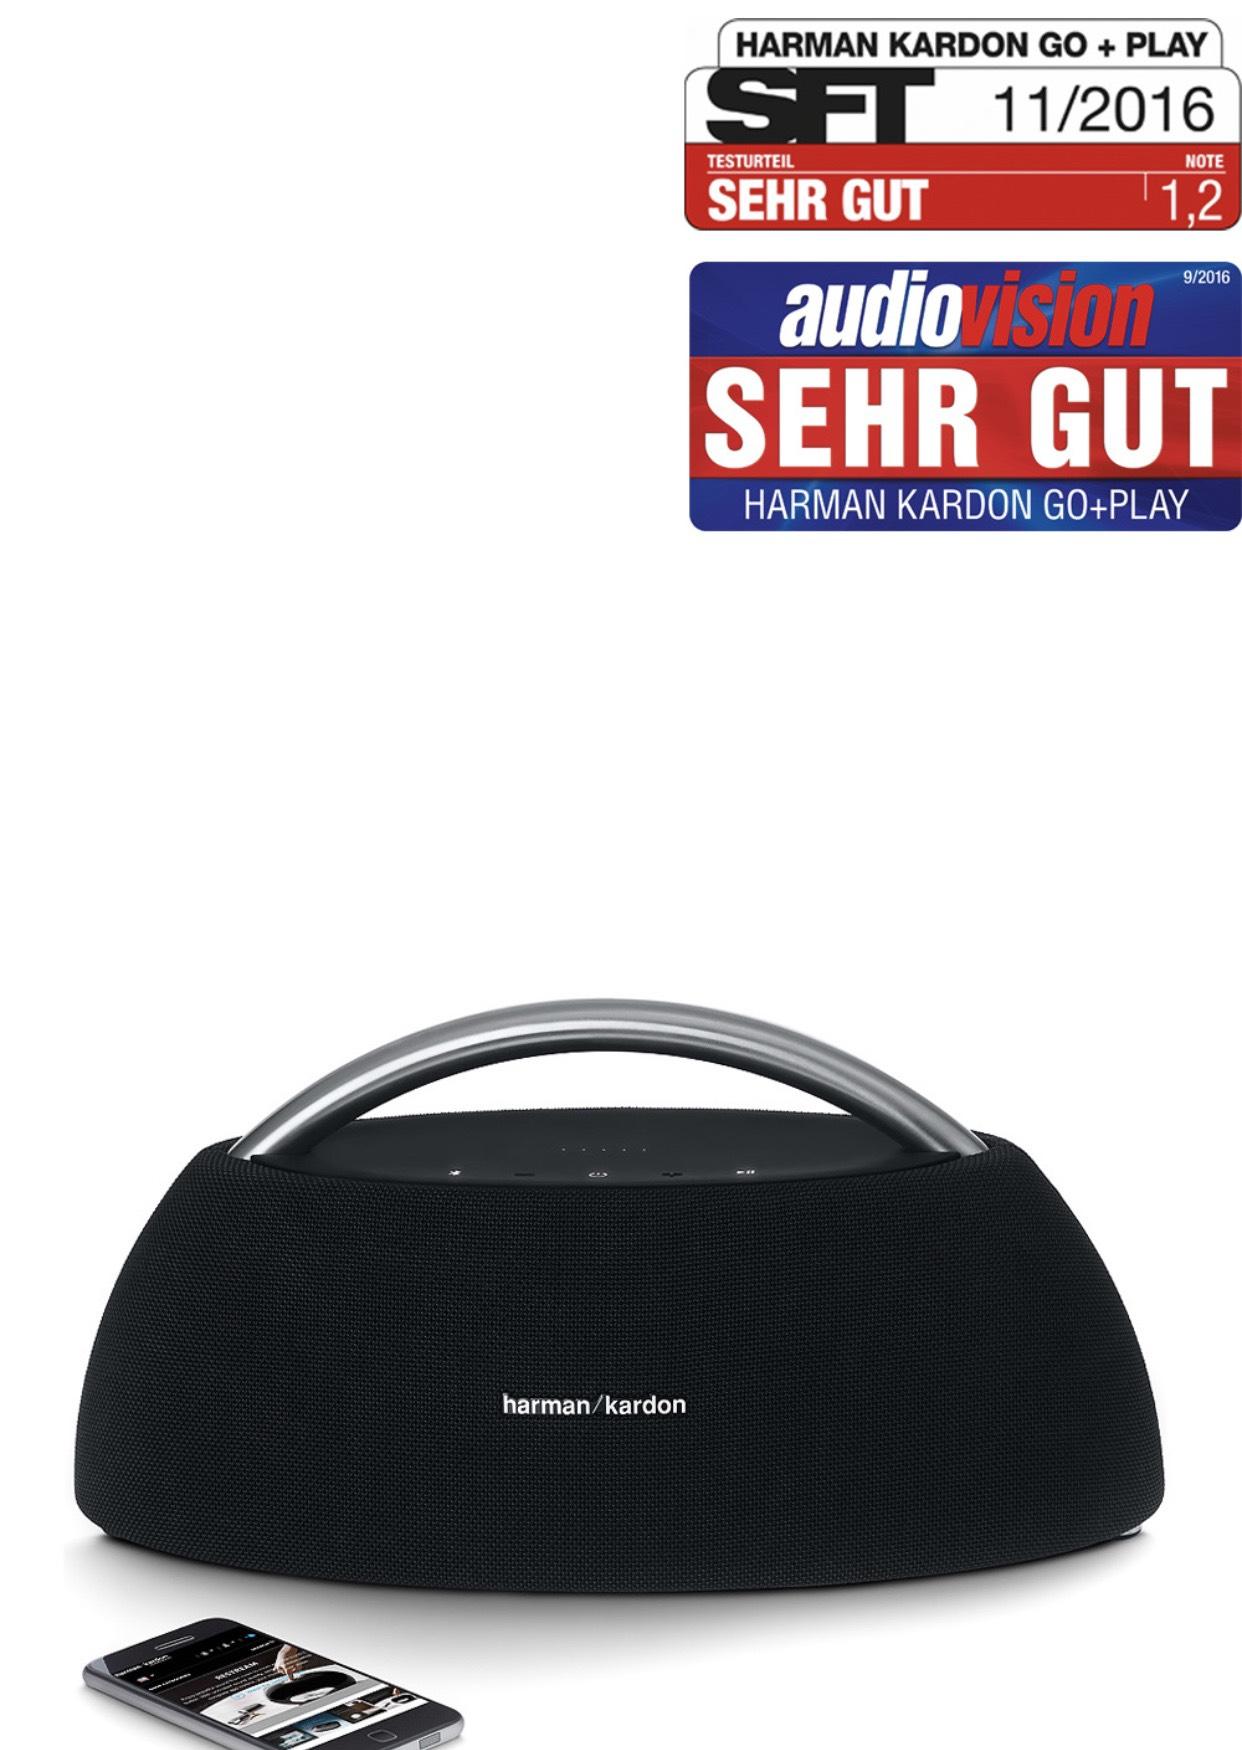 Bluetooth-Lautsprecher Go + Play / Harman Kardon / Tragbar / Nur heute 15€ Gutschein